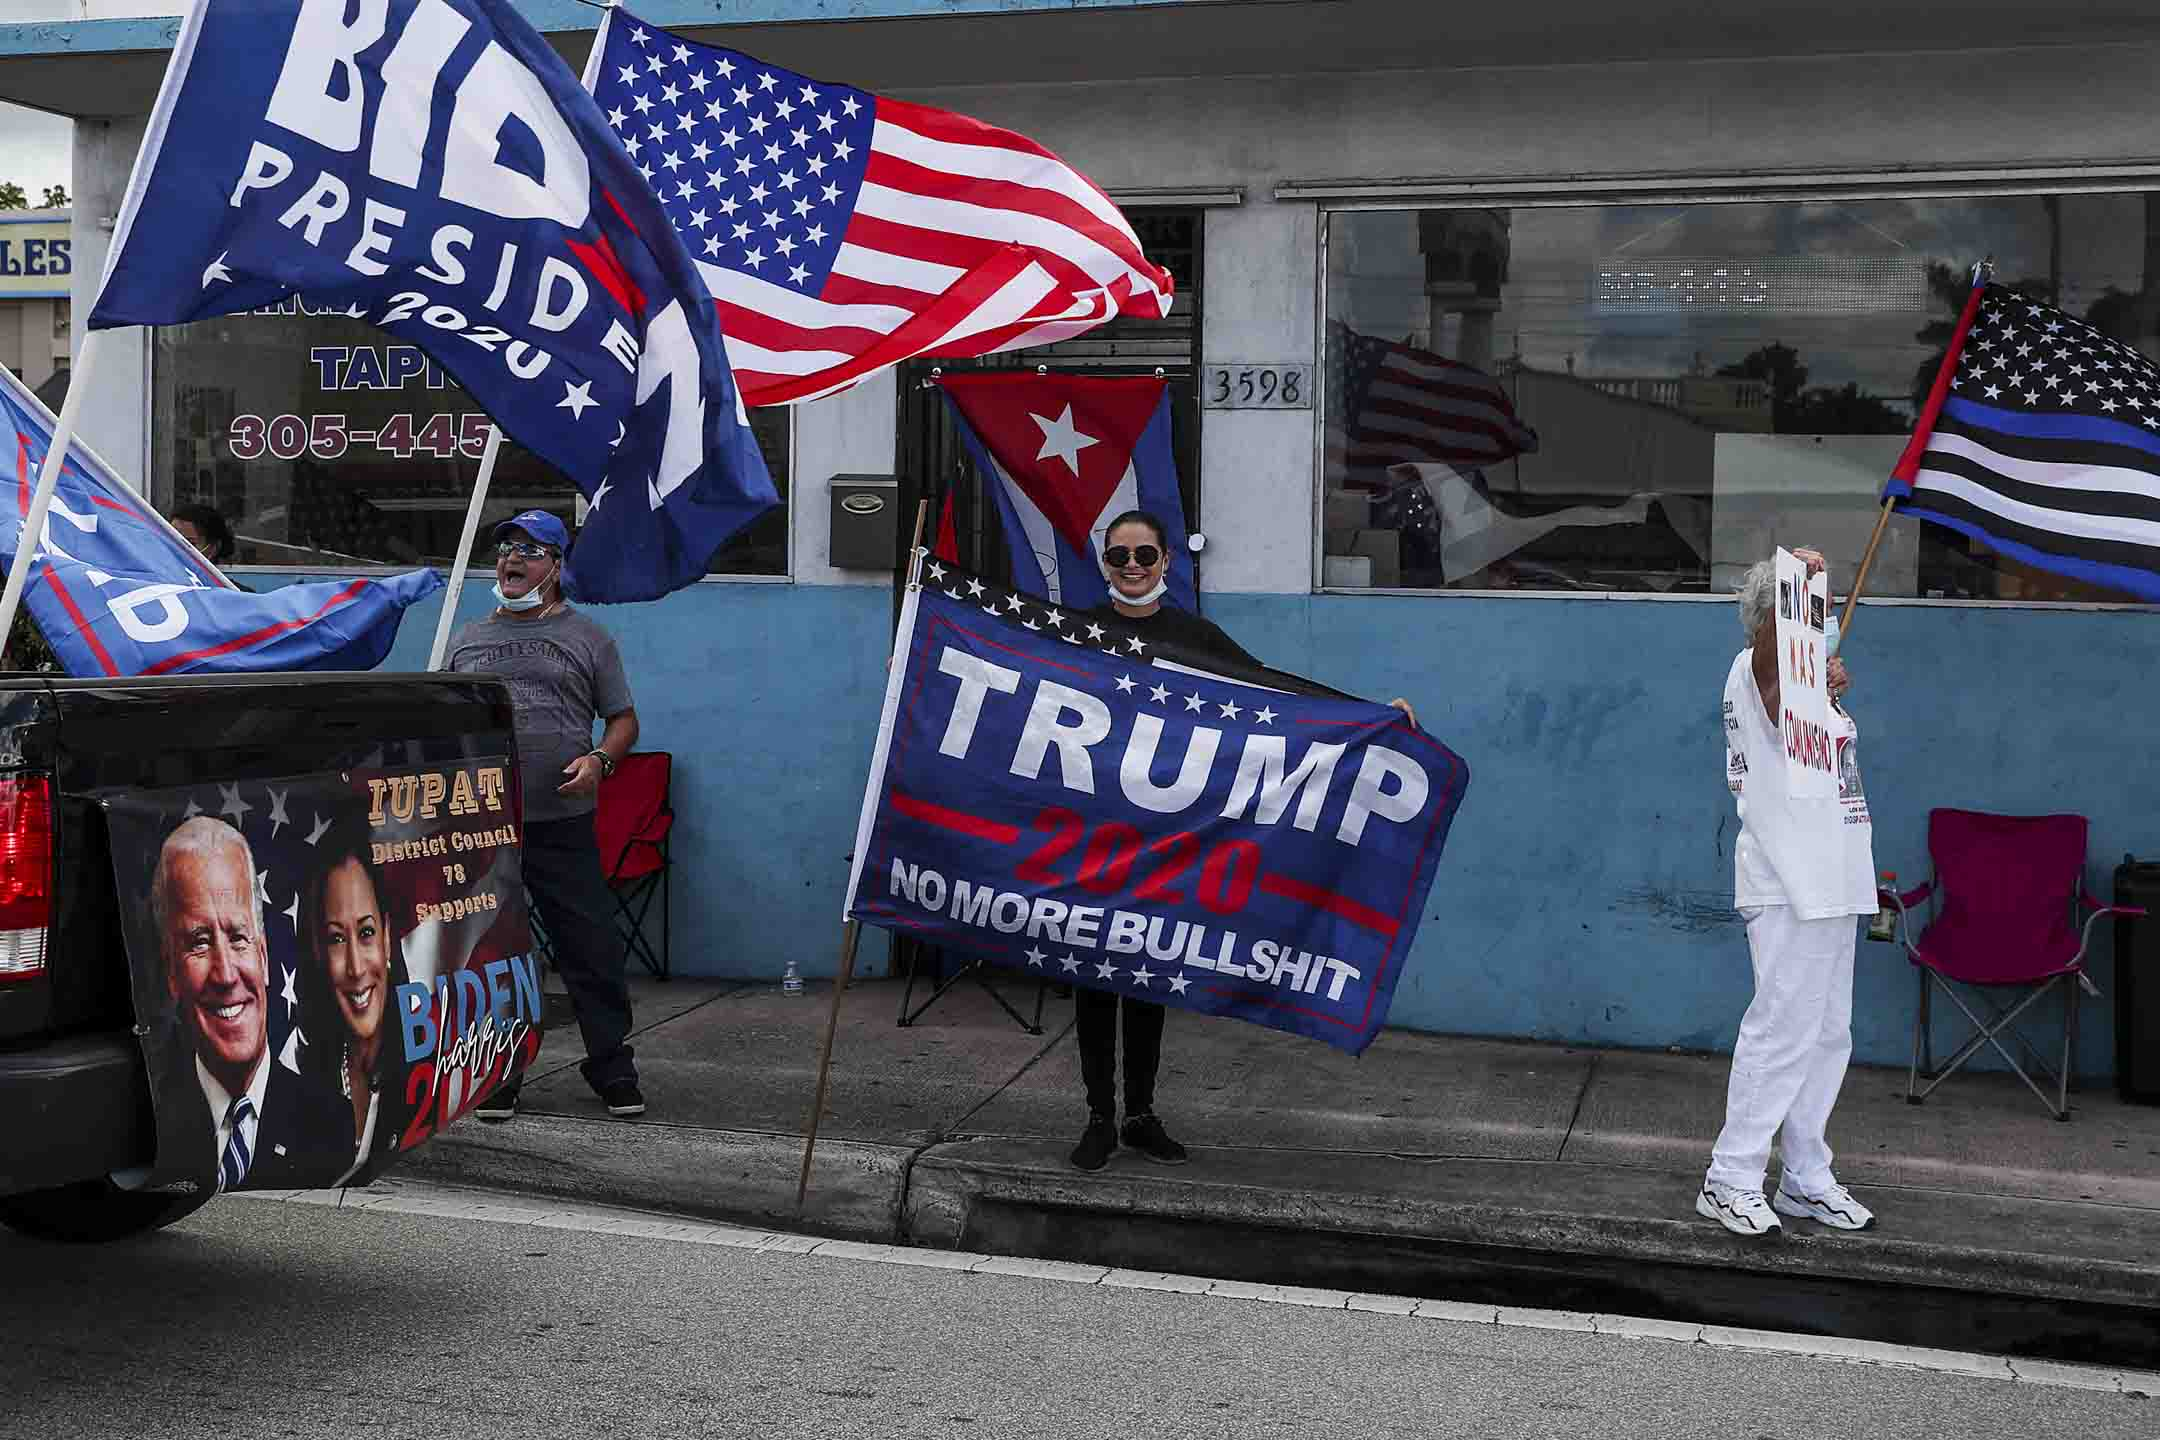 2020年10月18日,佛羅里達州邁阿密舉行的工人大篷車活動期間,在車上的拜登支持者經過在路上的特朗普支持者。 攝: Joe Raedle/Getty Images